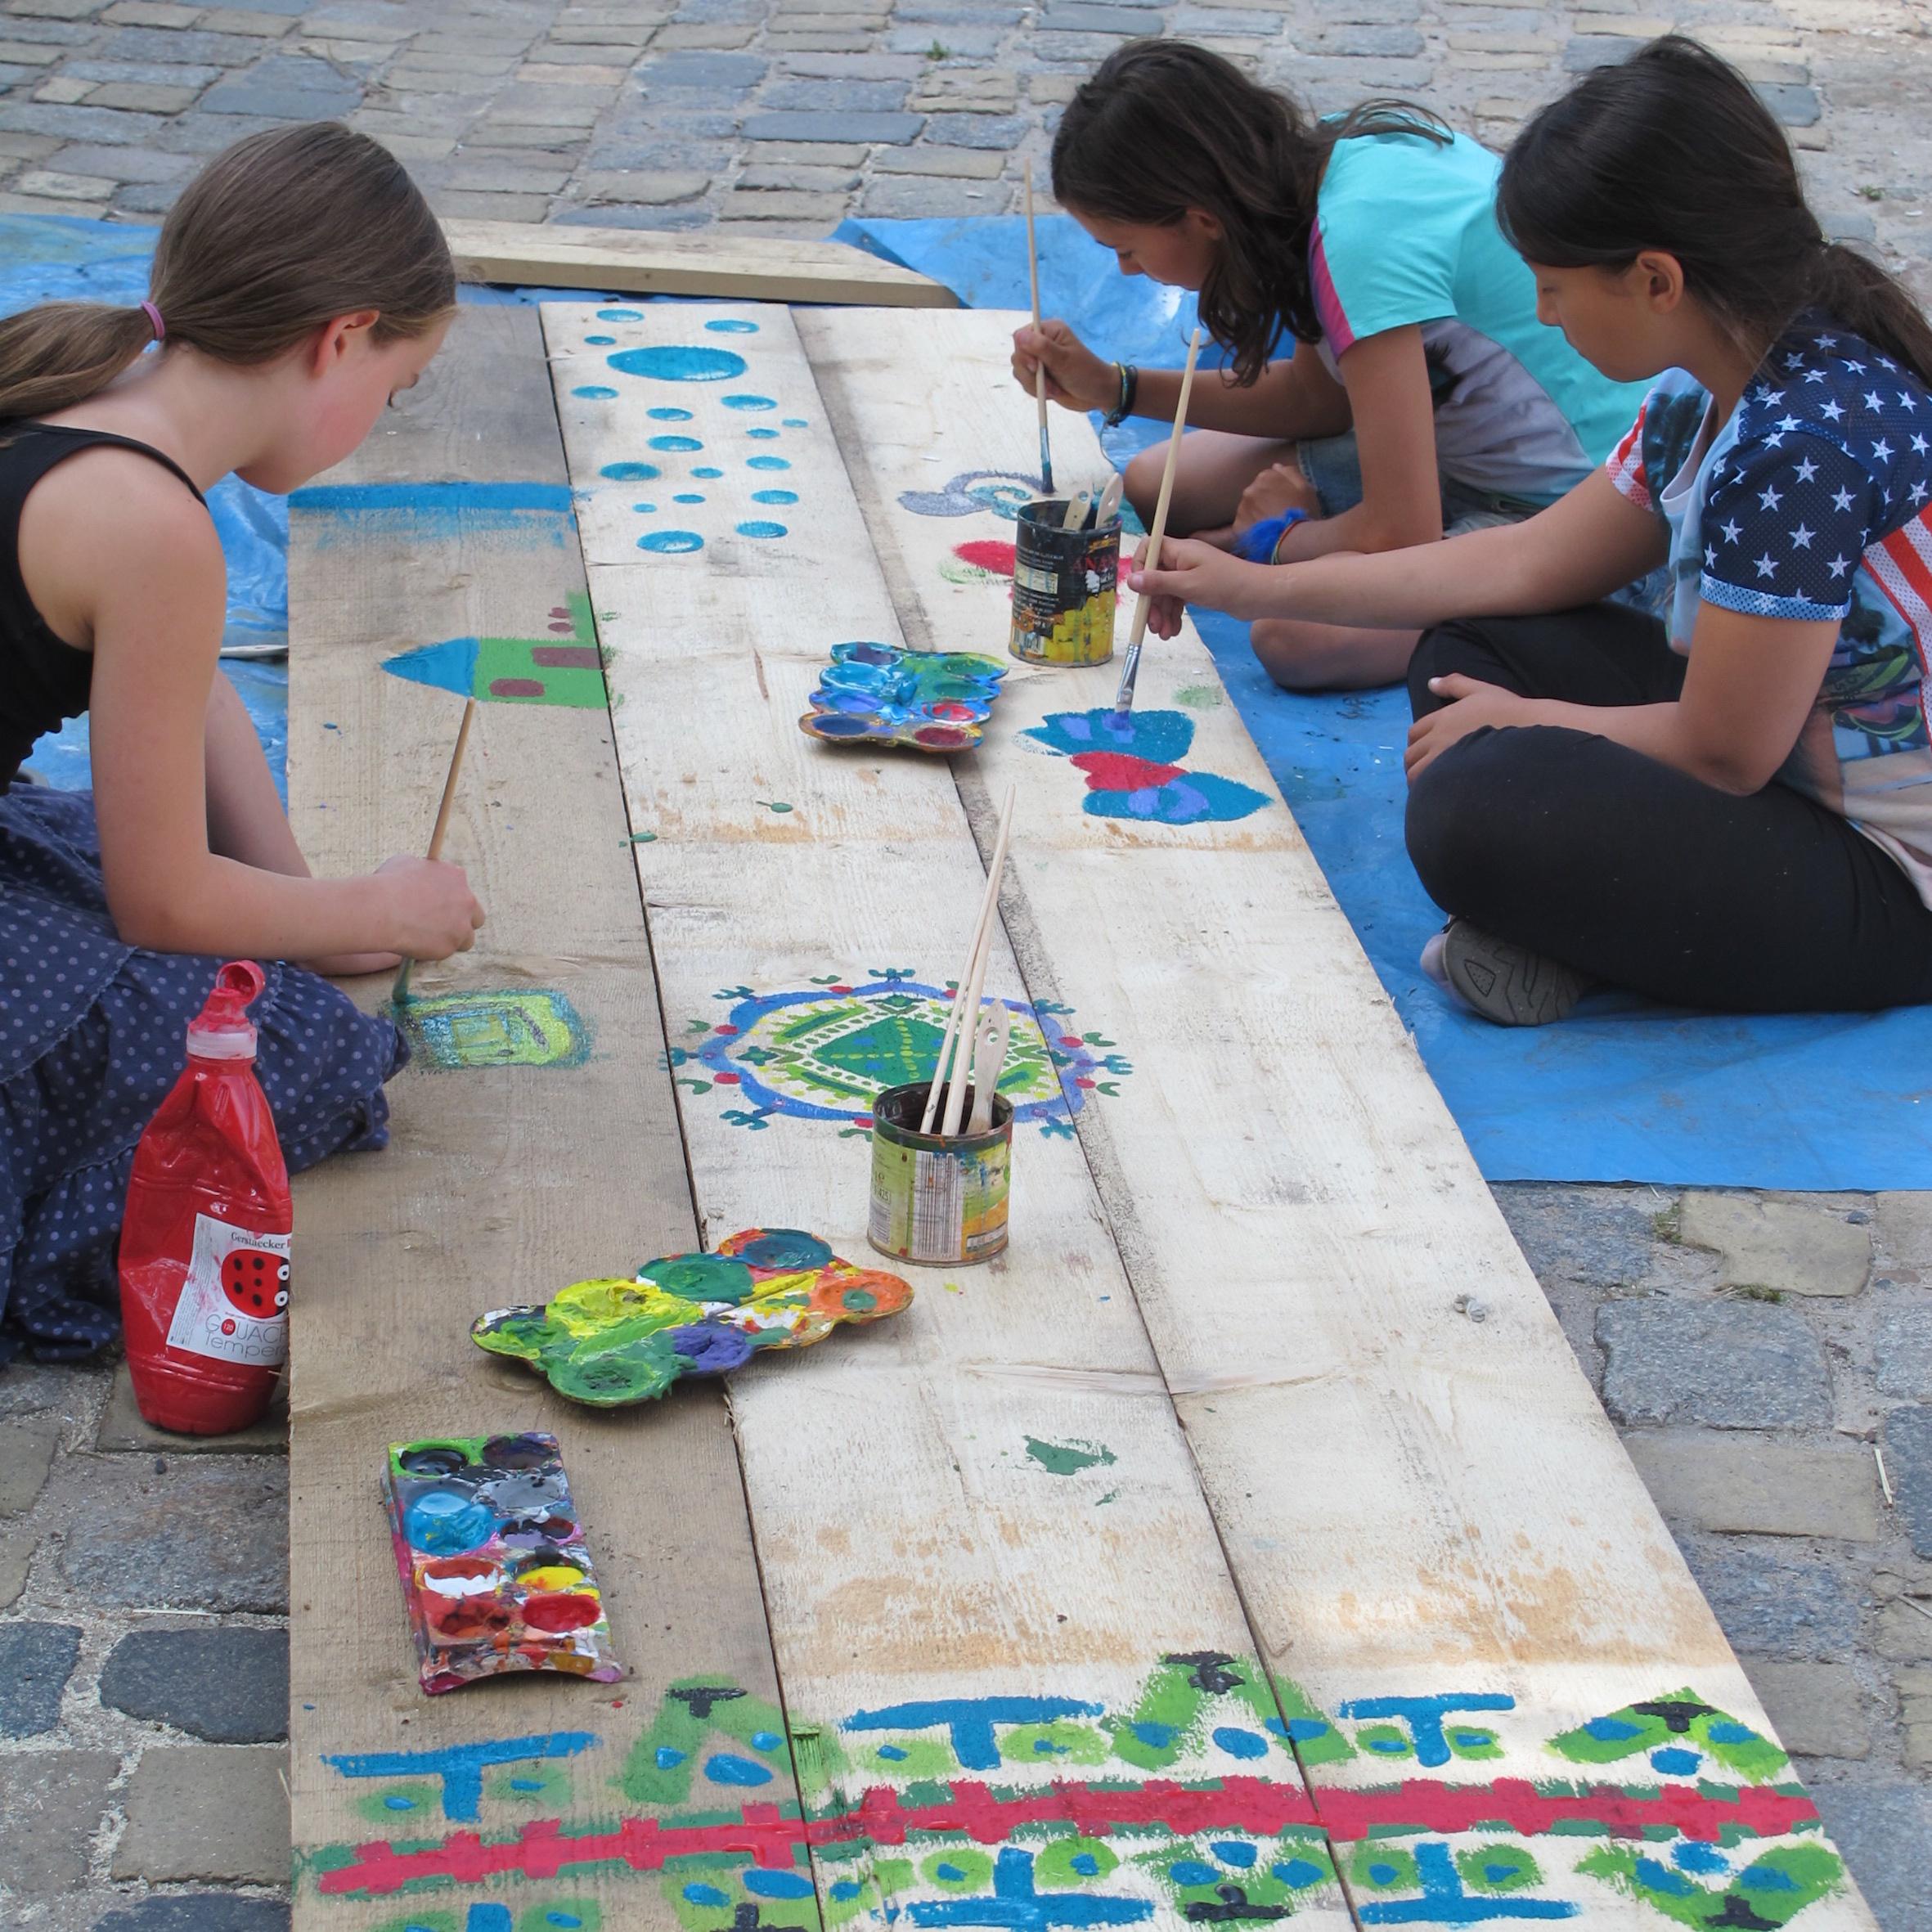 Das Team des Abenteuerspielplatzes Panama organisiert eine Vielzahl an Projekten für Kinder. Im Zuge des Projektes Neustadtentdecker bemalten die Jungen und Mädchen Wippen.